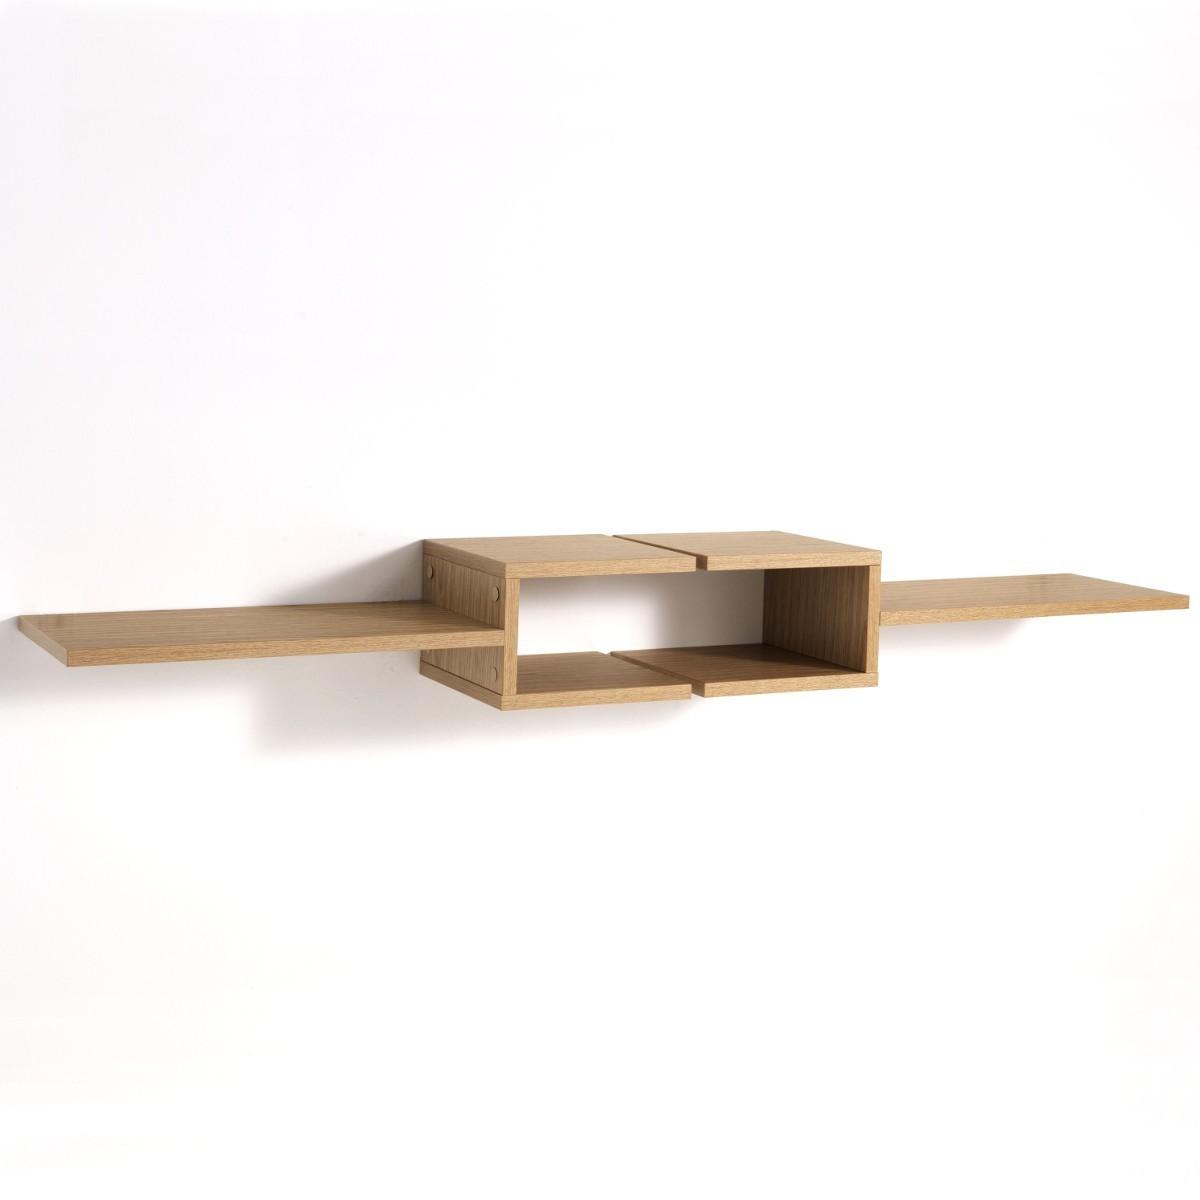 Coppia mensole design diapasonl in legno rovere 75 cm - Supporti per specchi a parete ...